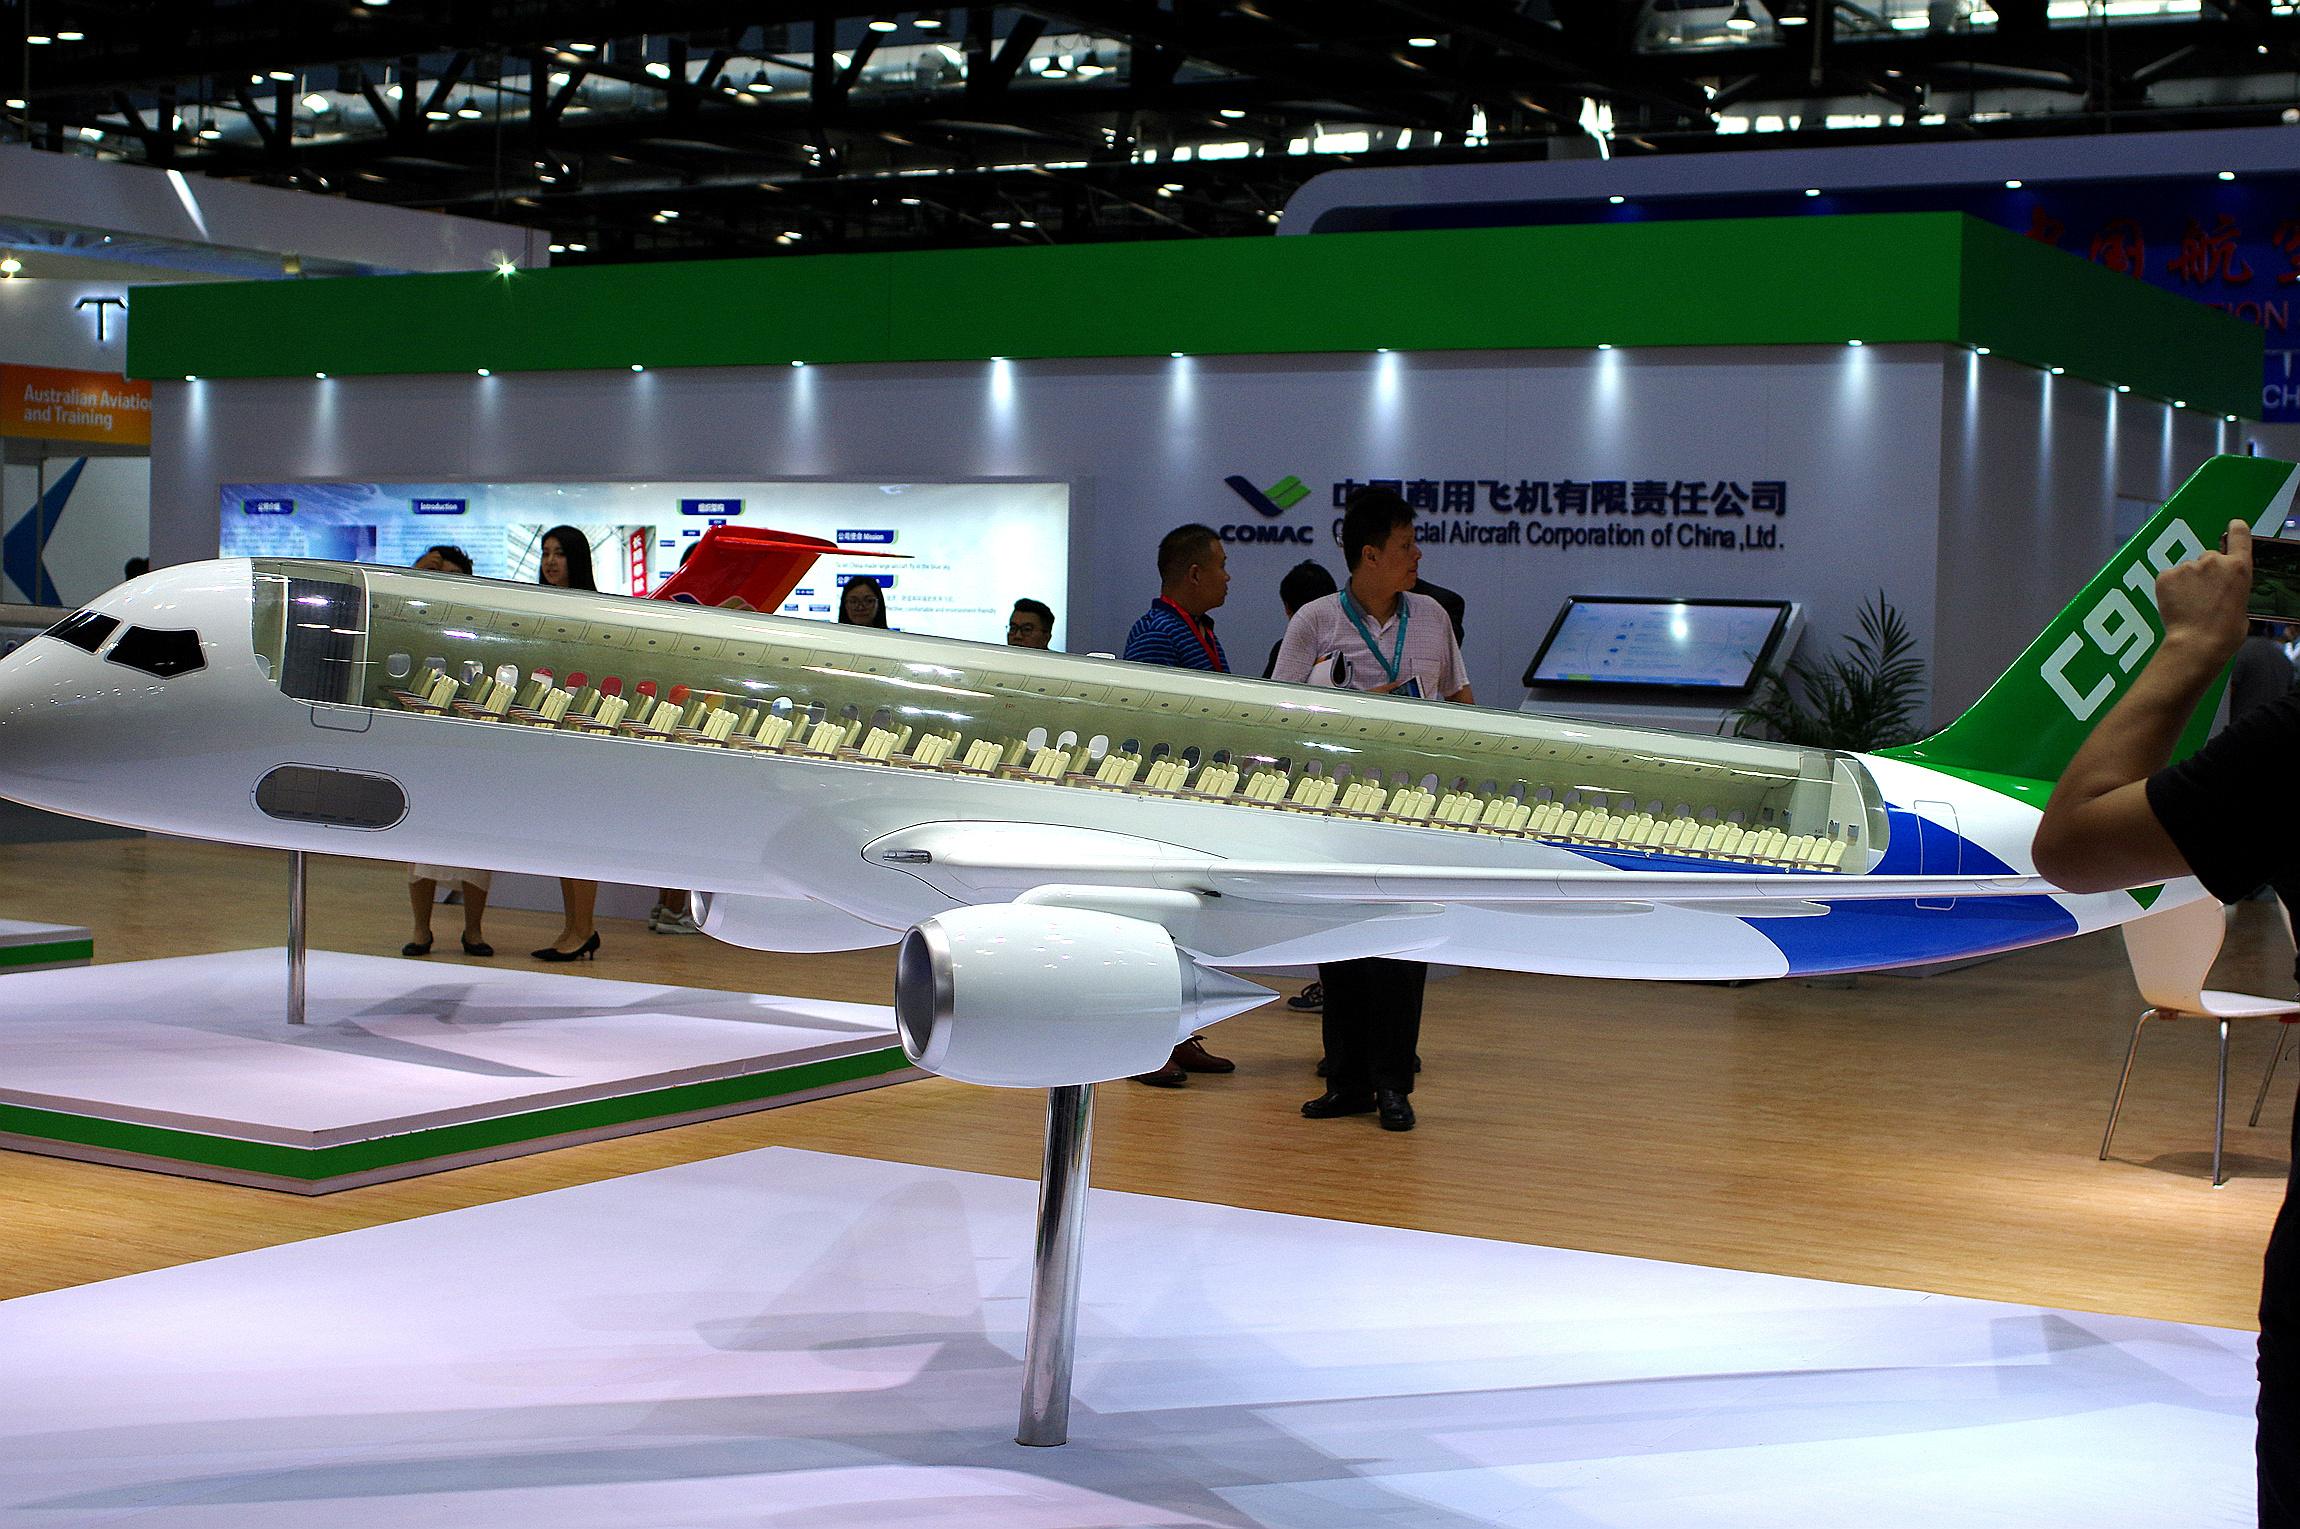 名单内的企业包括与波音及空中巴士存在竞争关系的中国商用飞机有限责任公司。-路透社-